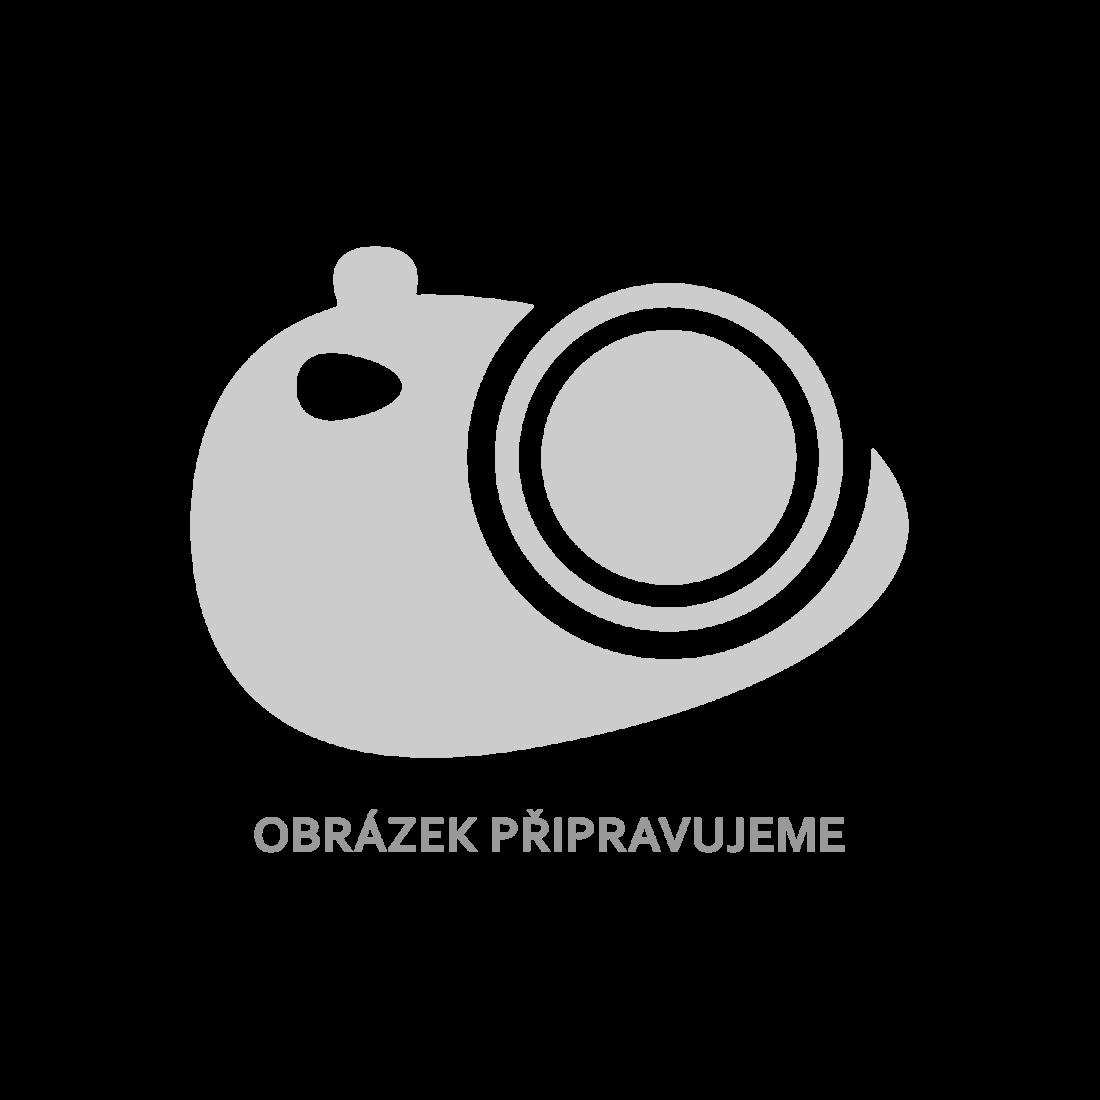 Skládací barový stůl HDPE 80 x 110 cm bílý [44560]